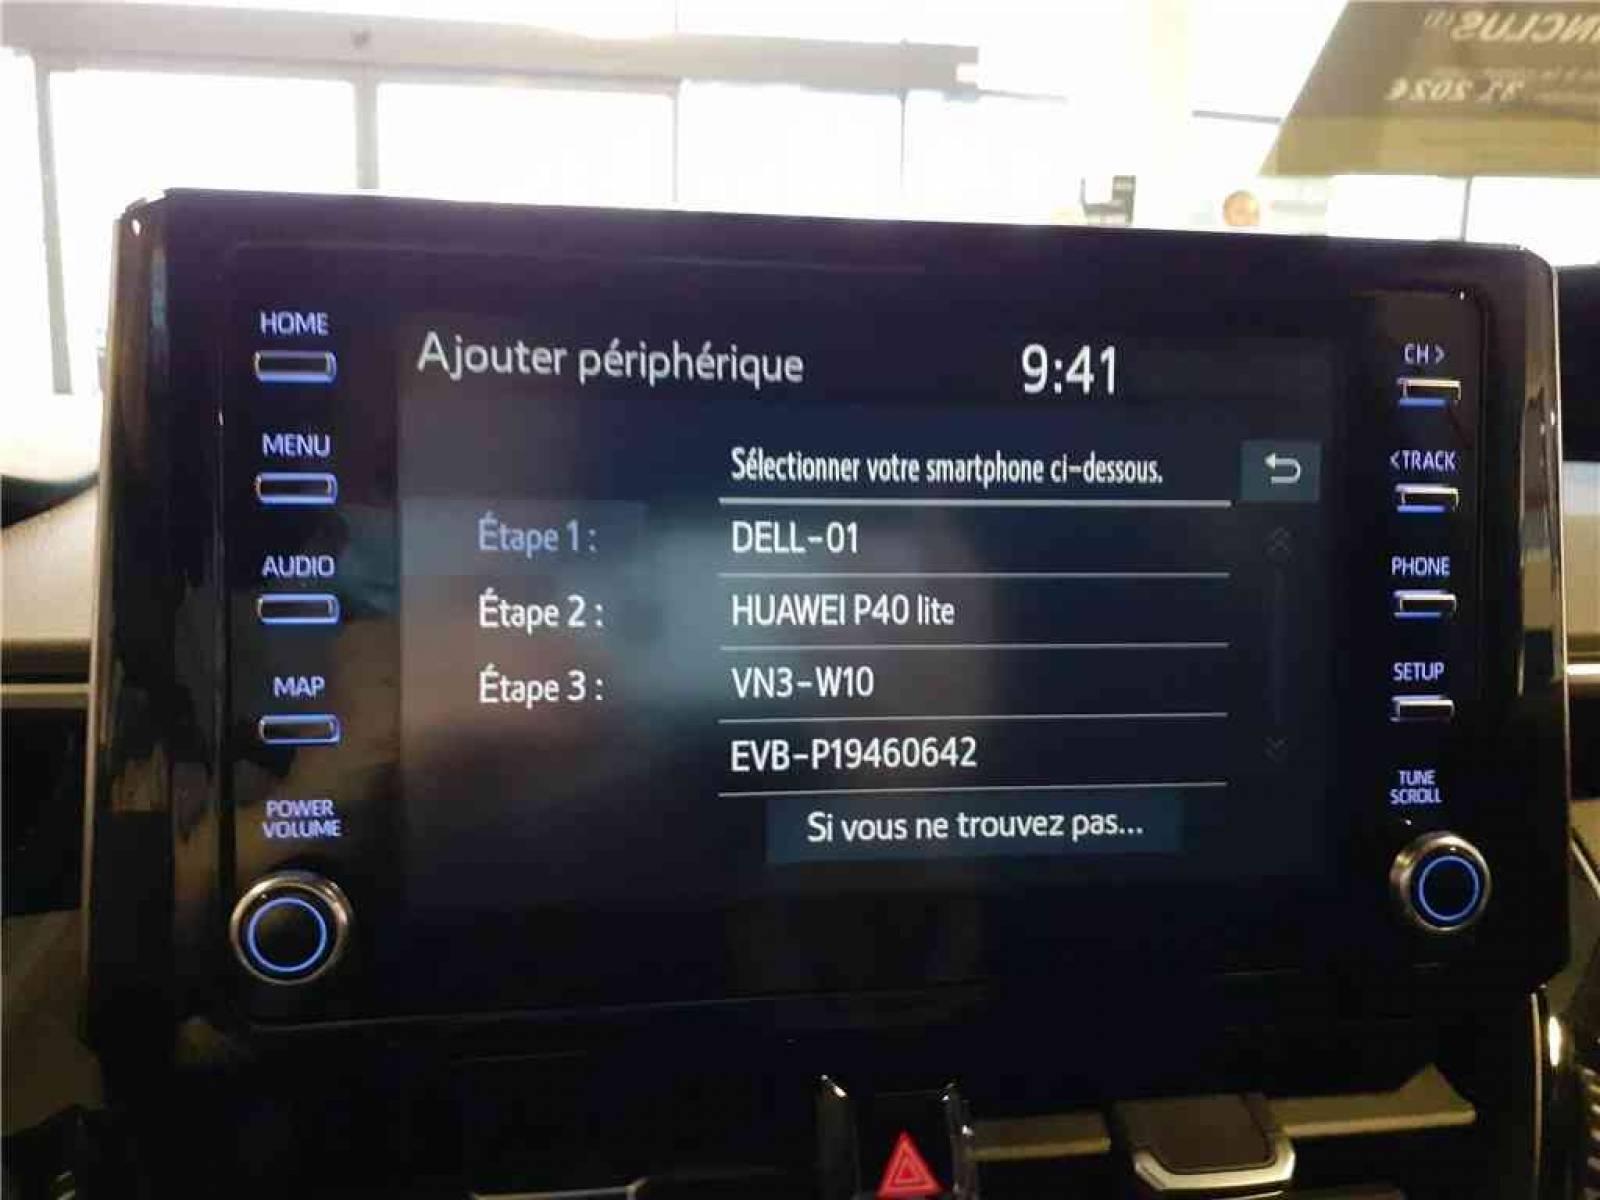 SUZUKI Swace 1.8 Hybrid - véhicule d'occasion - Groupe Guillet - Hall de l'automobile - Chalon sur Saône - 71380 - Saint-Marcel - 41